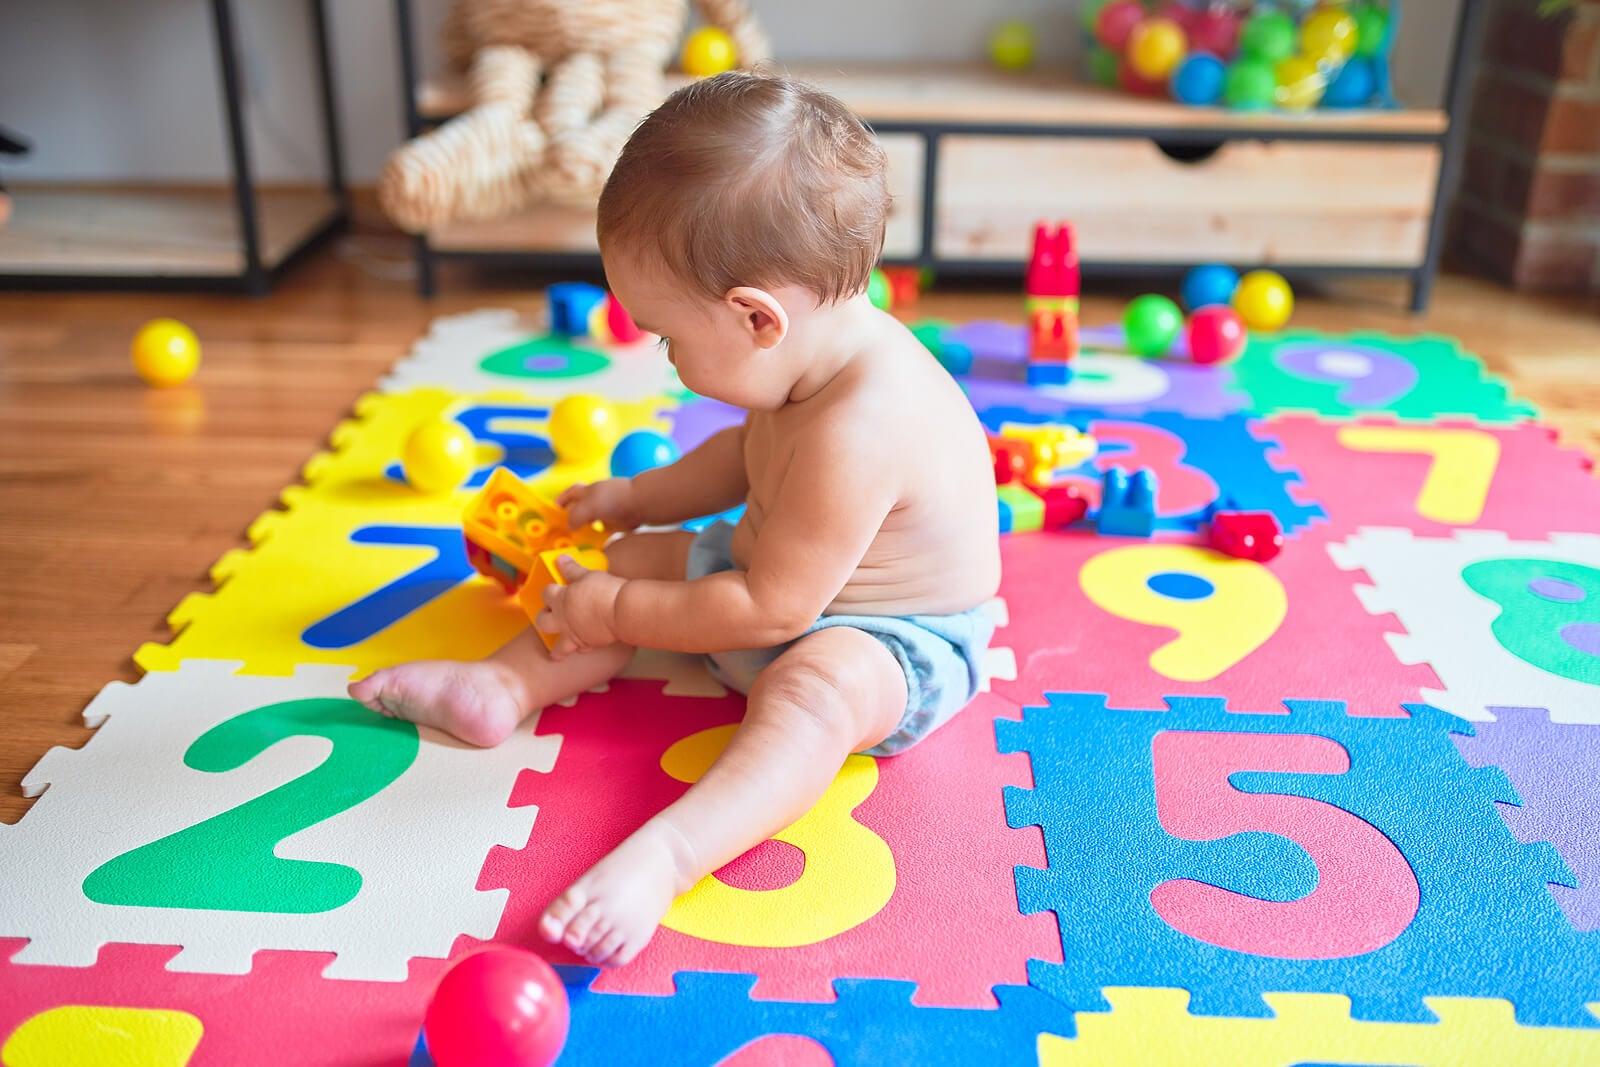 Niño en una alfombra con rompecabezas.